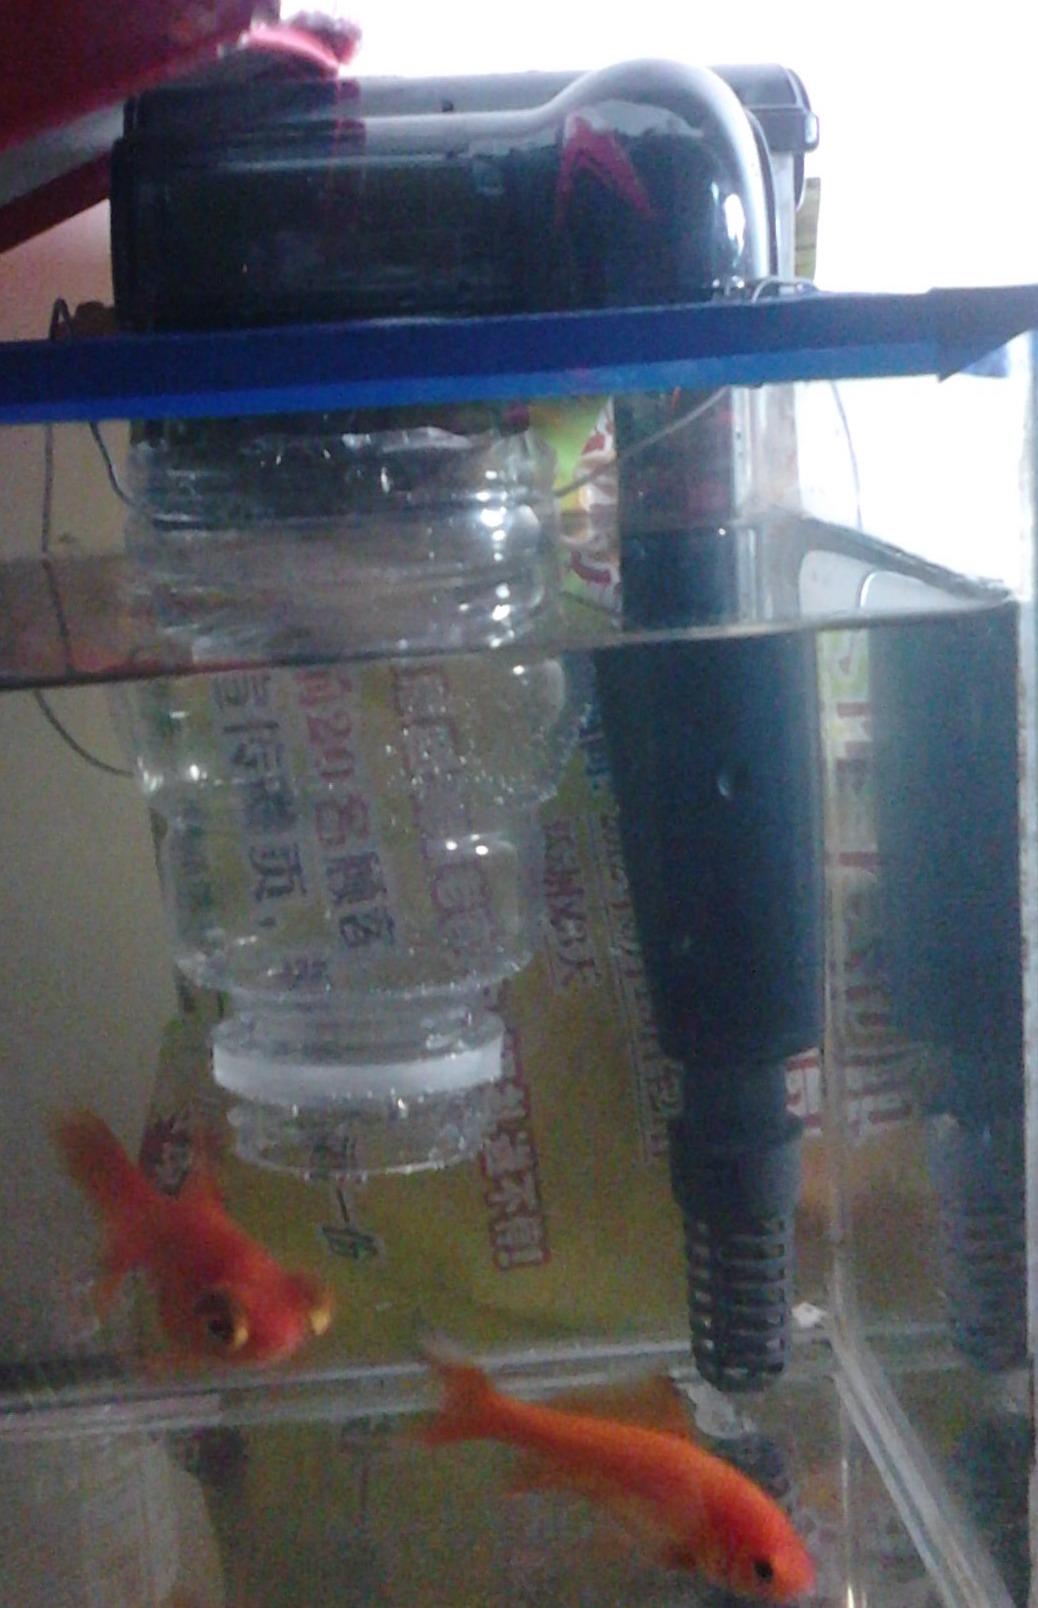 小鱼缸冲水太大,壁挂过滤器,我想弄个大瓶子里面装上滤材,瓶子扎上洞图片